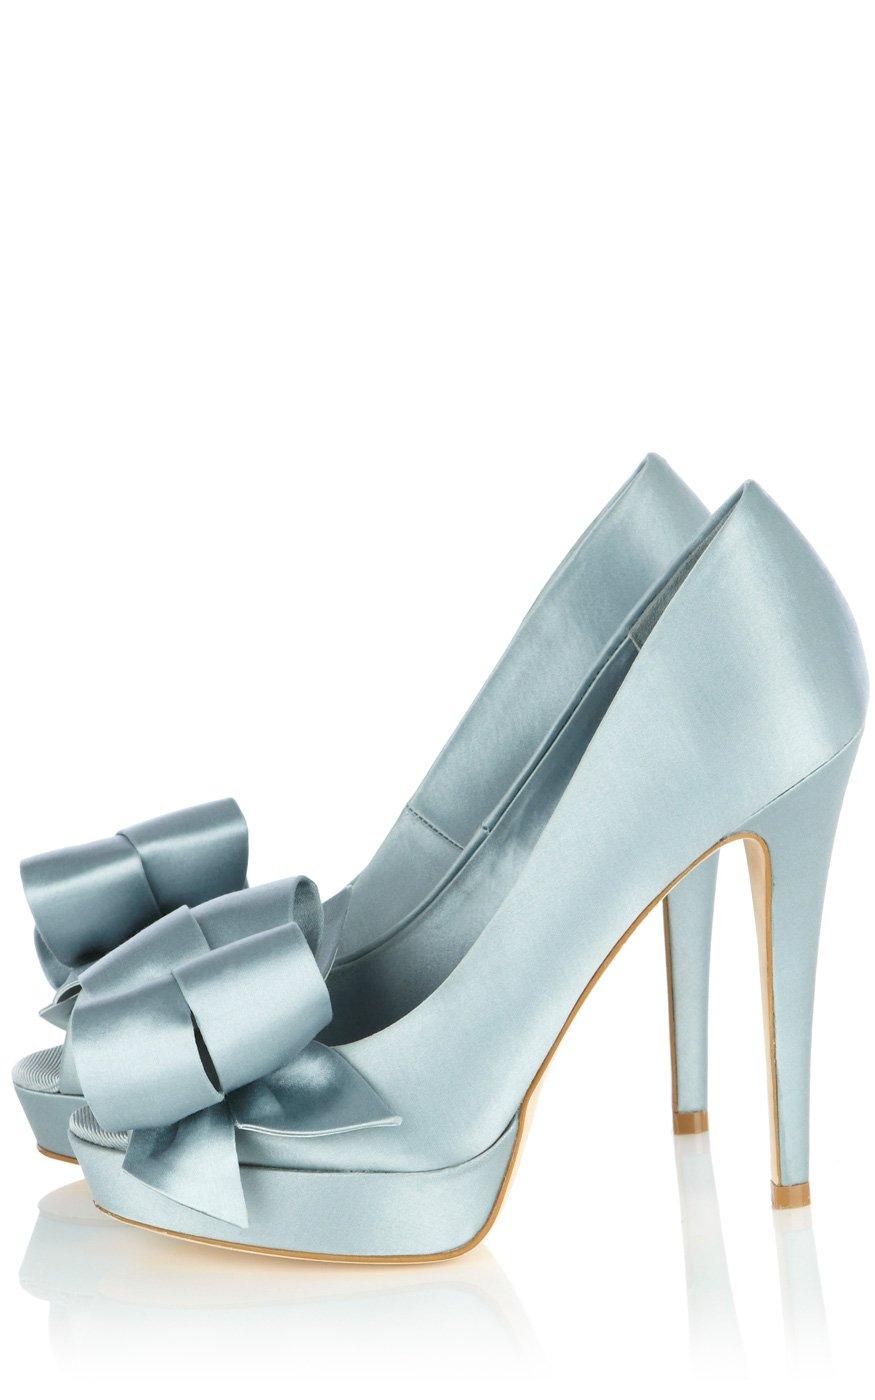 Karen Millen Satin Shoes